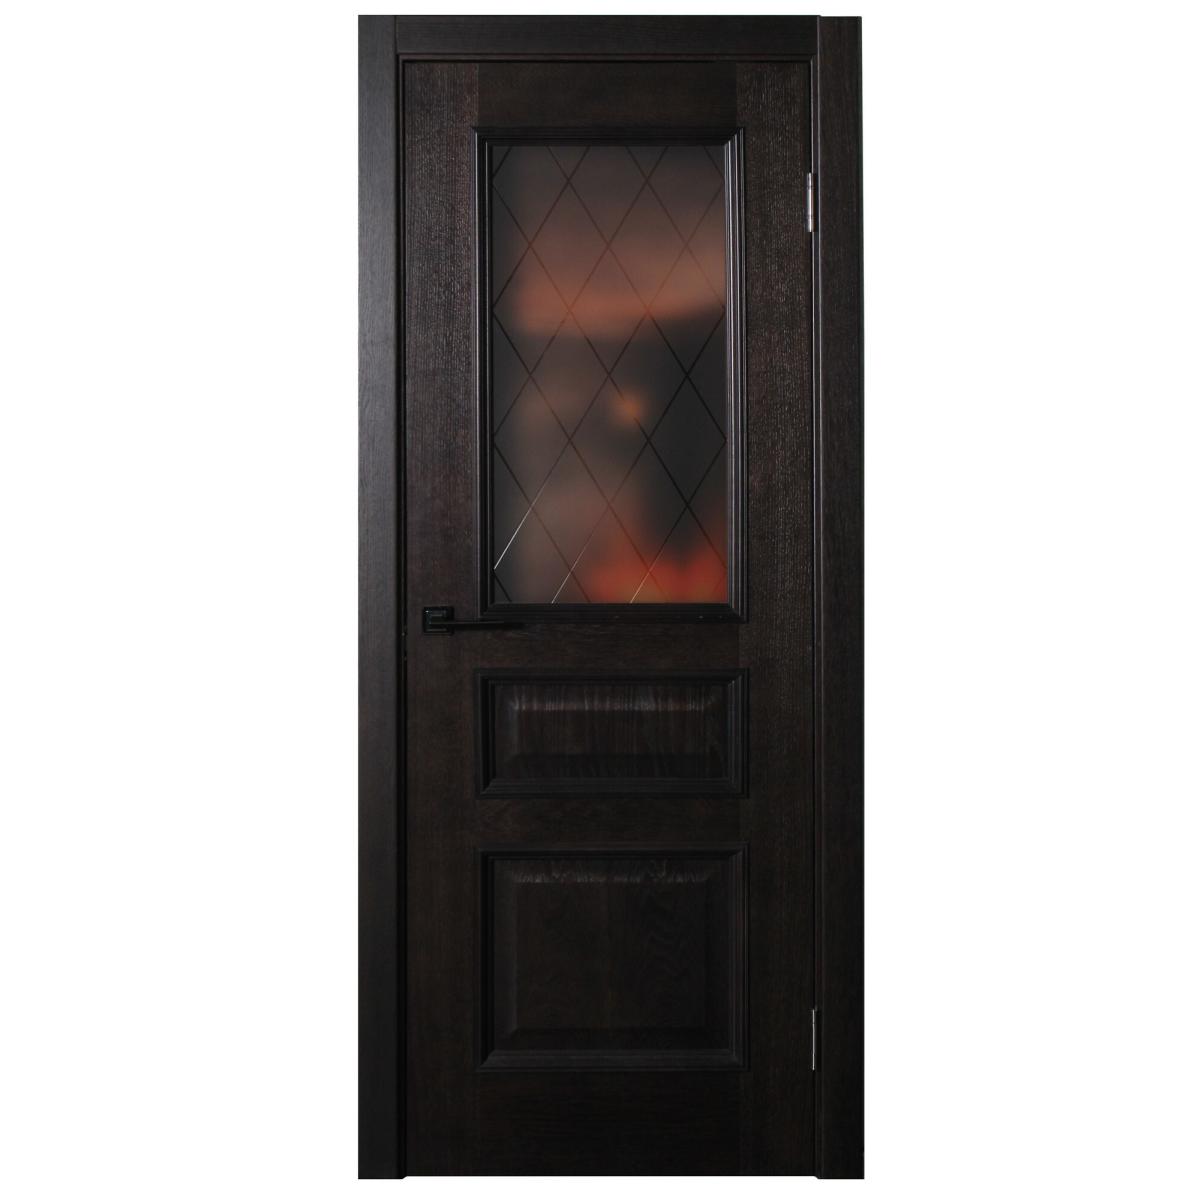 Дверь Межкомнатная Остеклённая Шпон Вельми 90x200 Цвет Венге